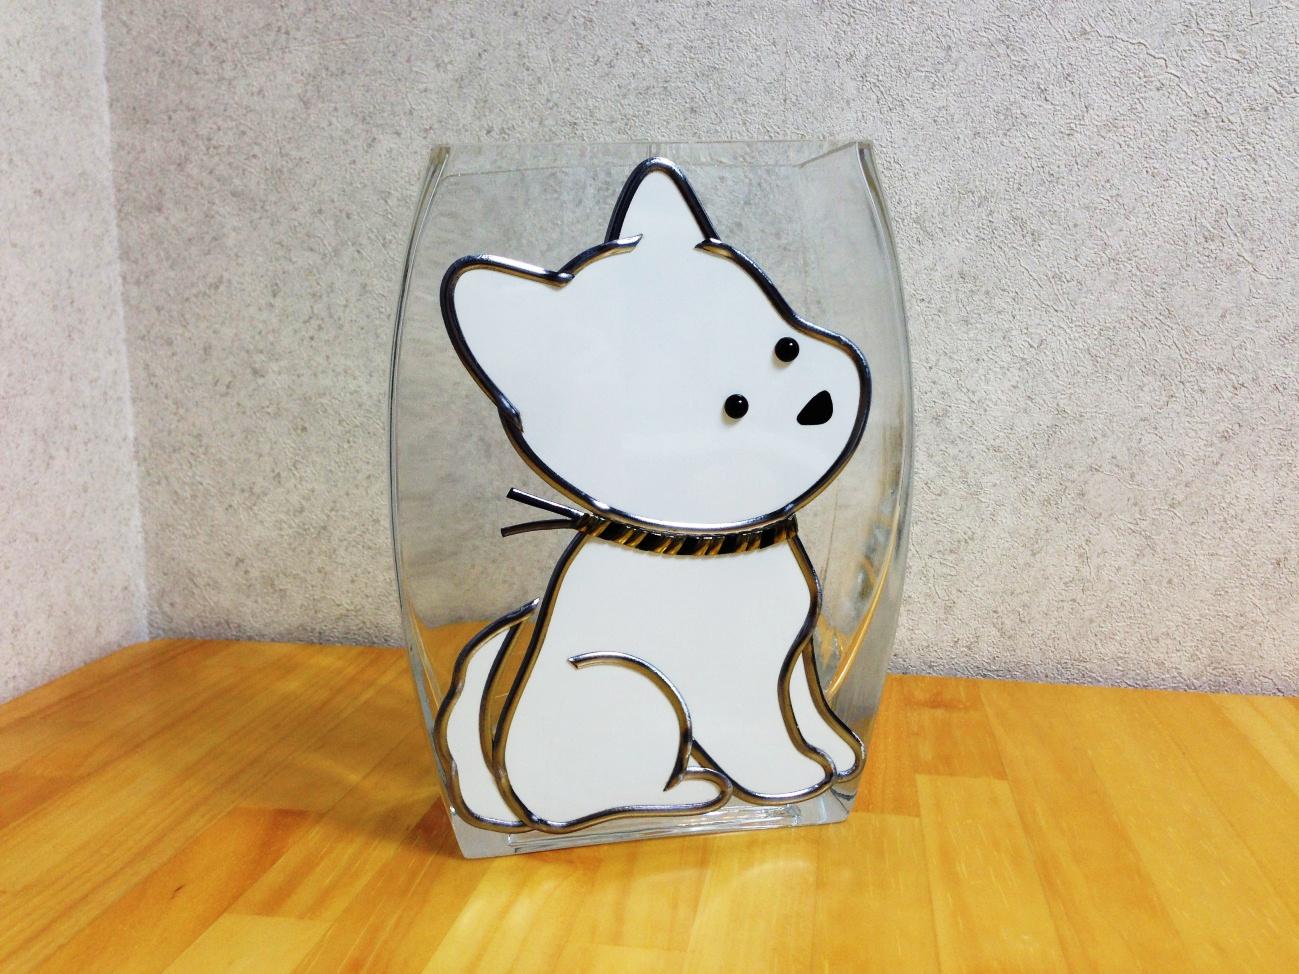 ワンちゃんの花瓶